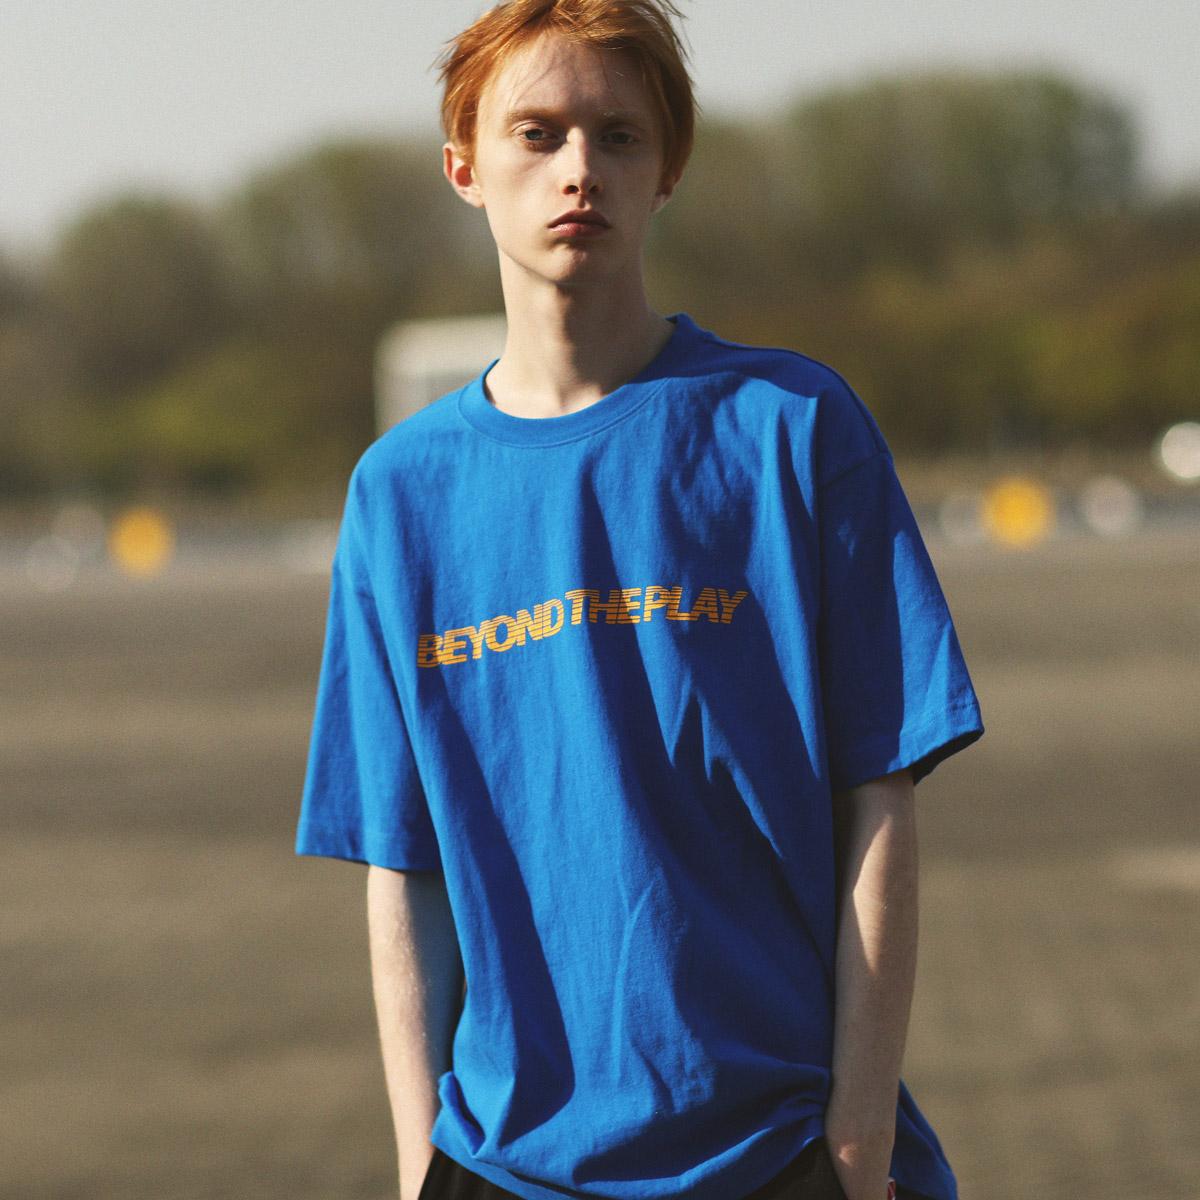 [어반플레이어스]URBANPLAYERS 인디워크 반팔티 PDBST22(BLUE)